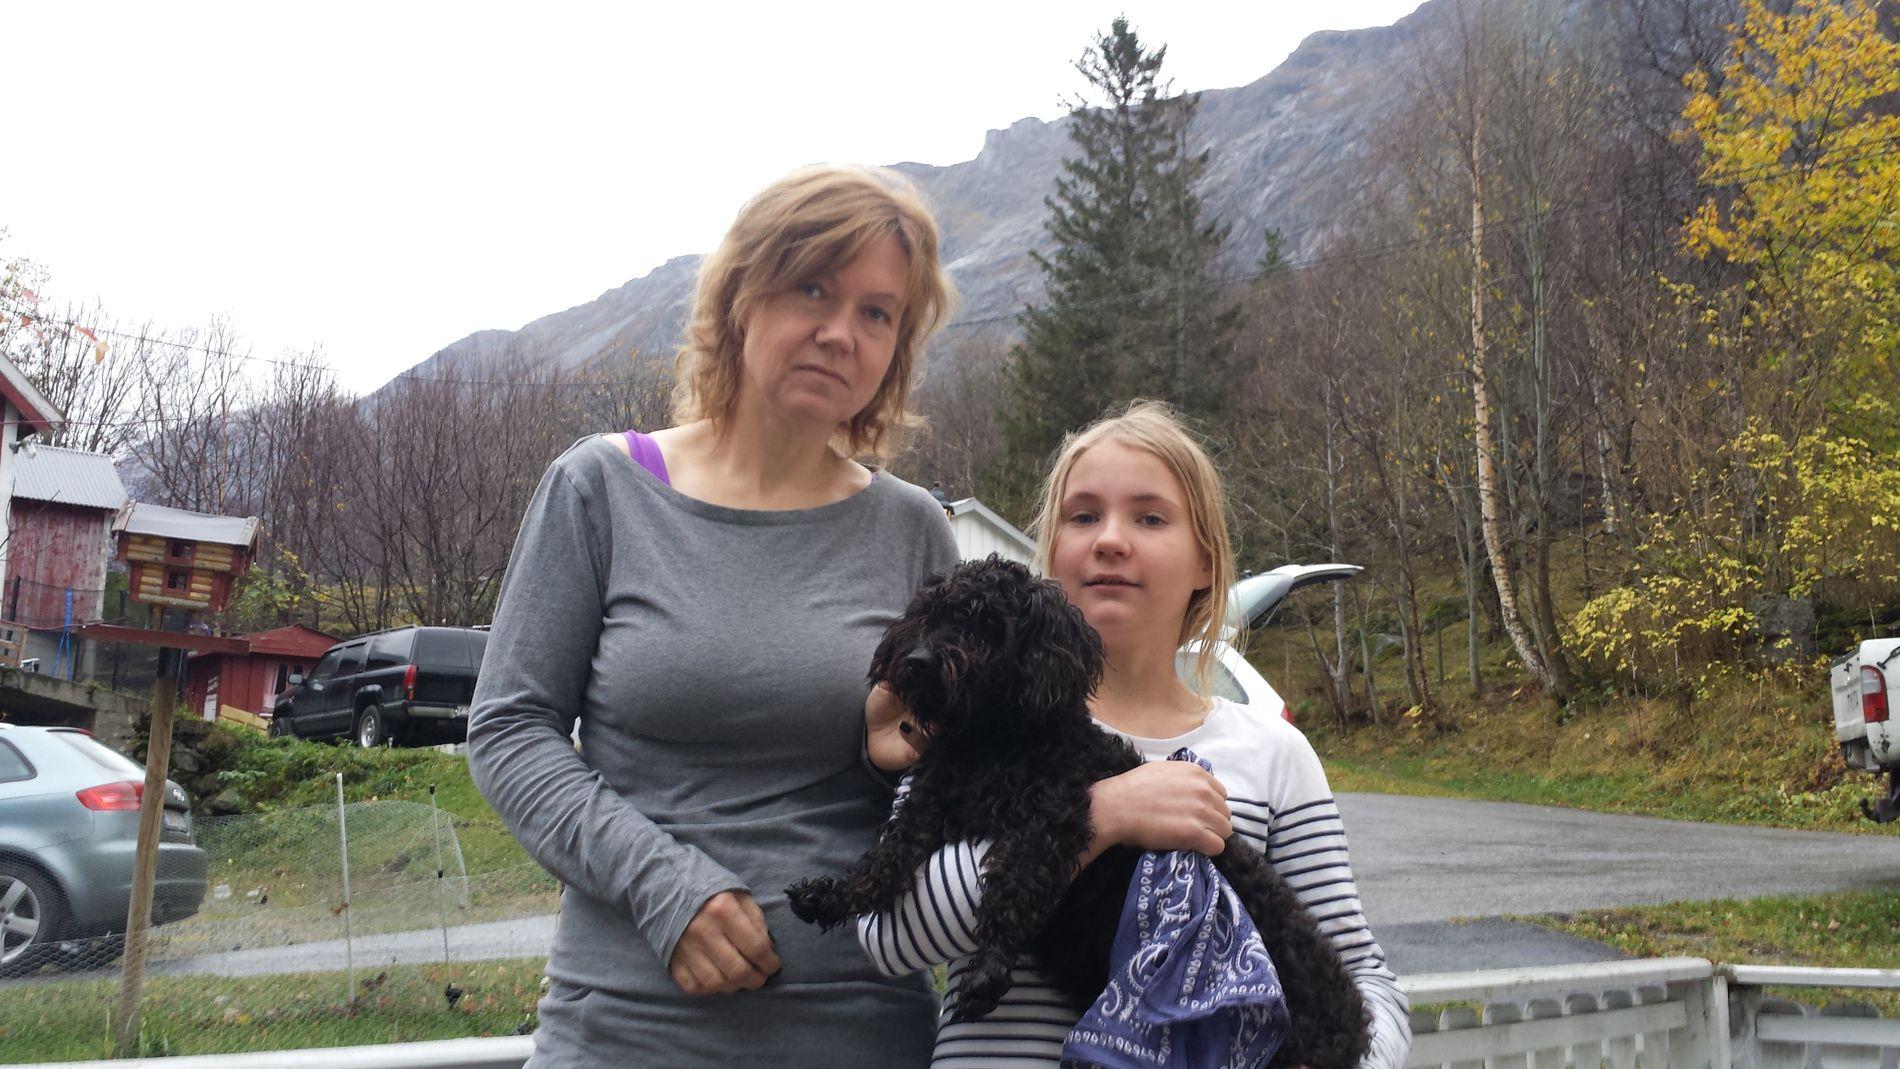 EVAKUERT IGJEN: Gunn Walstad Sogge (54) vil ta en vurdering på om hun blir boende i hjemmet sitt etter sesongen. Bildet er fra 2014 og hun er her med datteren Christina.